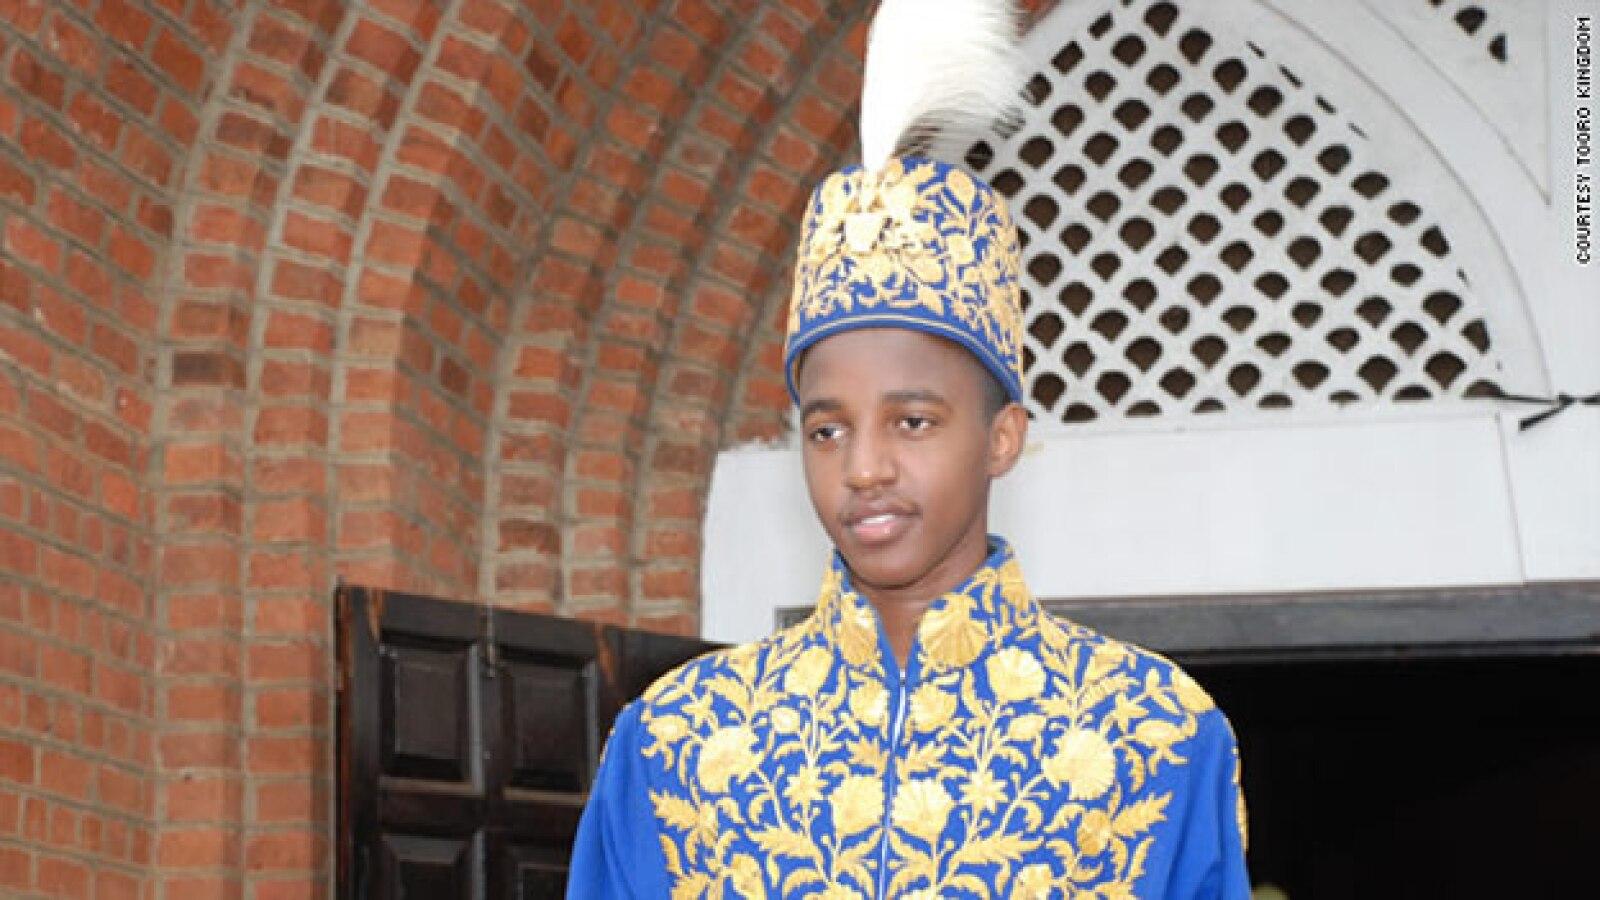 El monarca accedió al poder a los tres años; ahora está por cumplir los 18